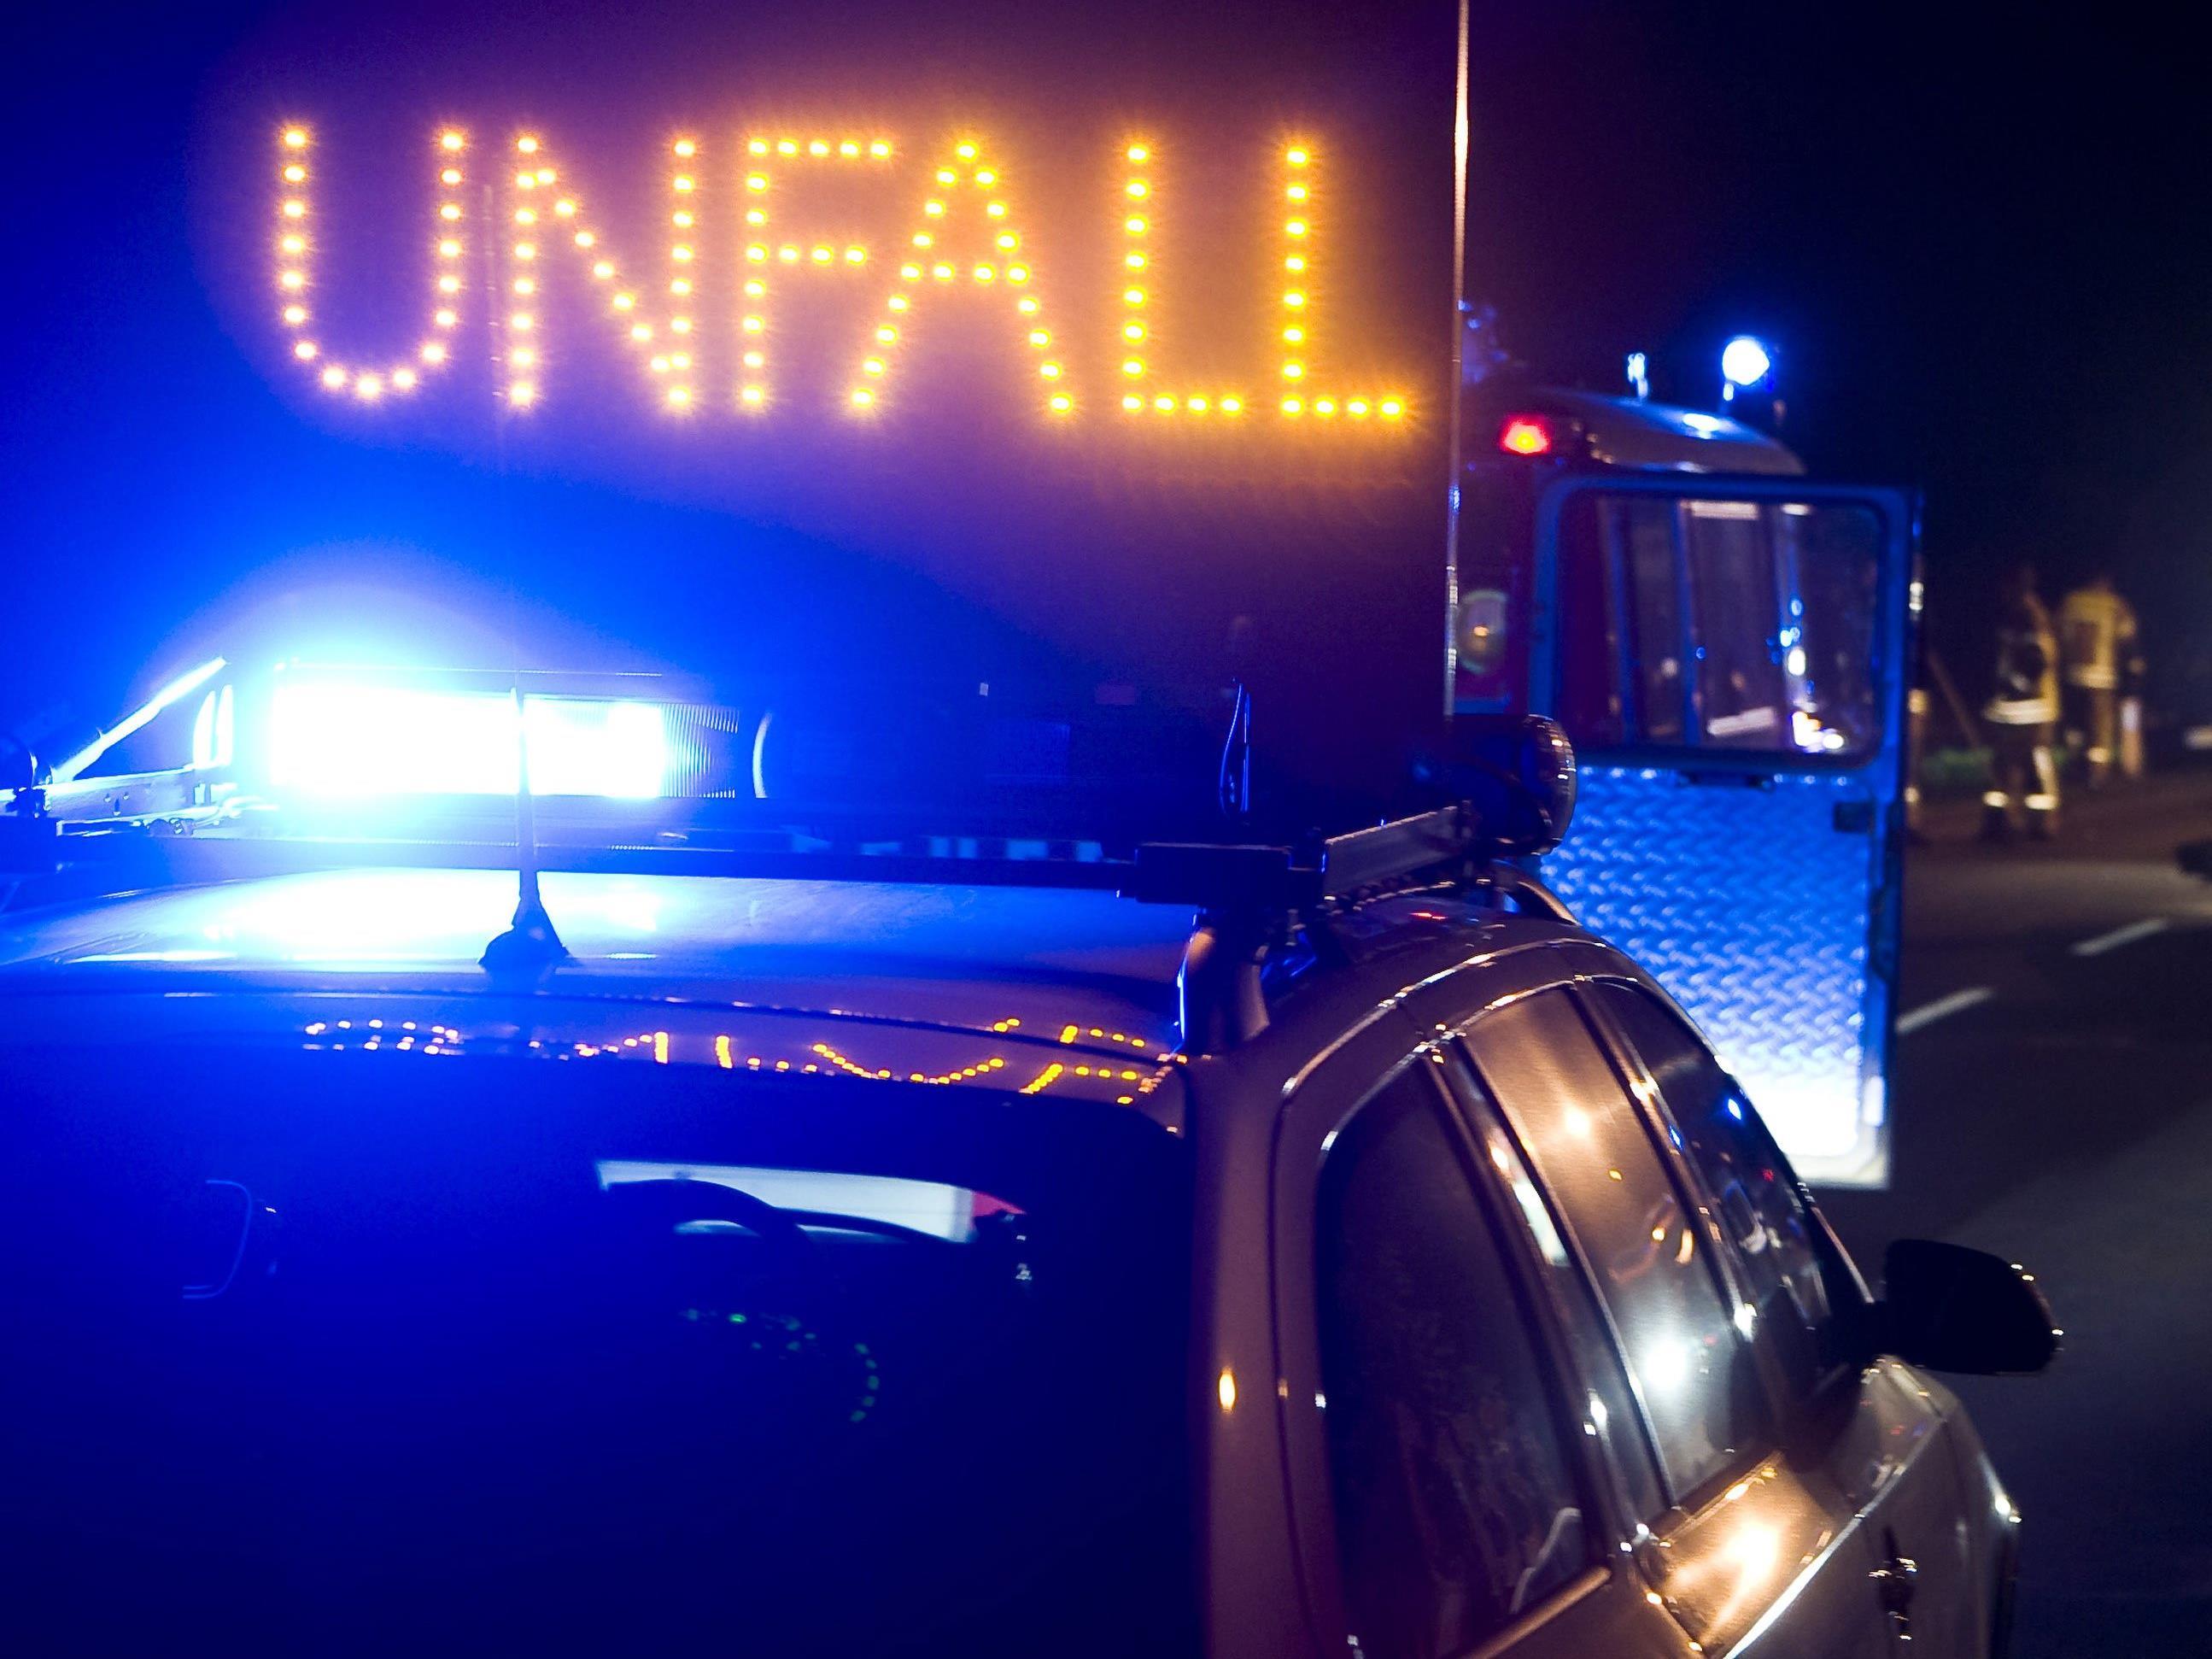 Kurve nicht gekriegt: Alkoholisiert über Kreisverkehr geraten. 5000 Euro Schaden am Wagen des Freundes.